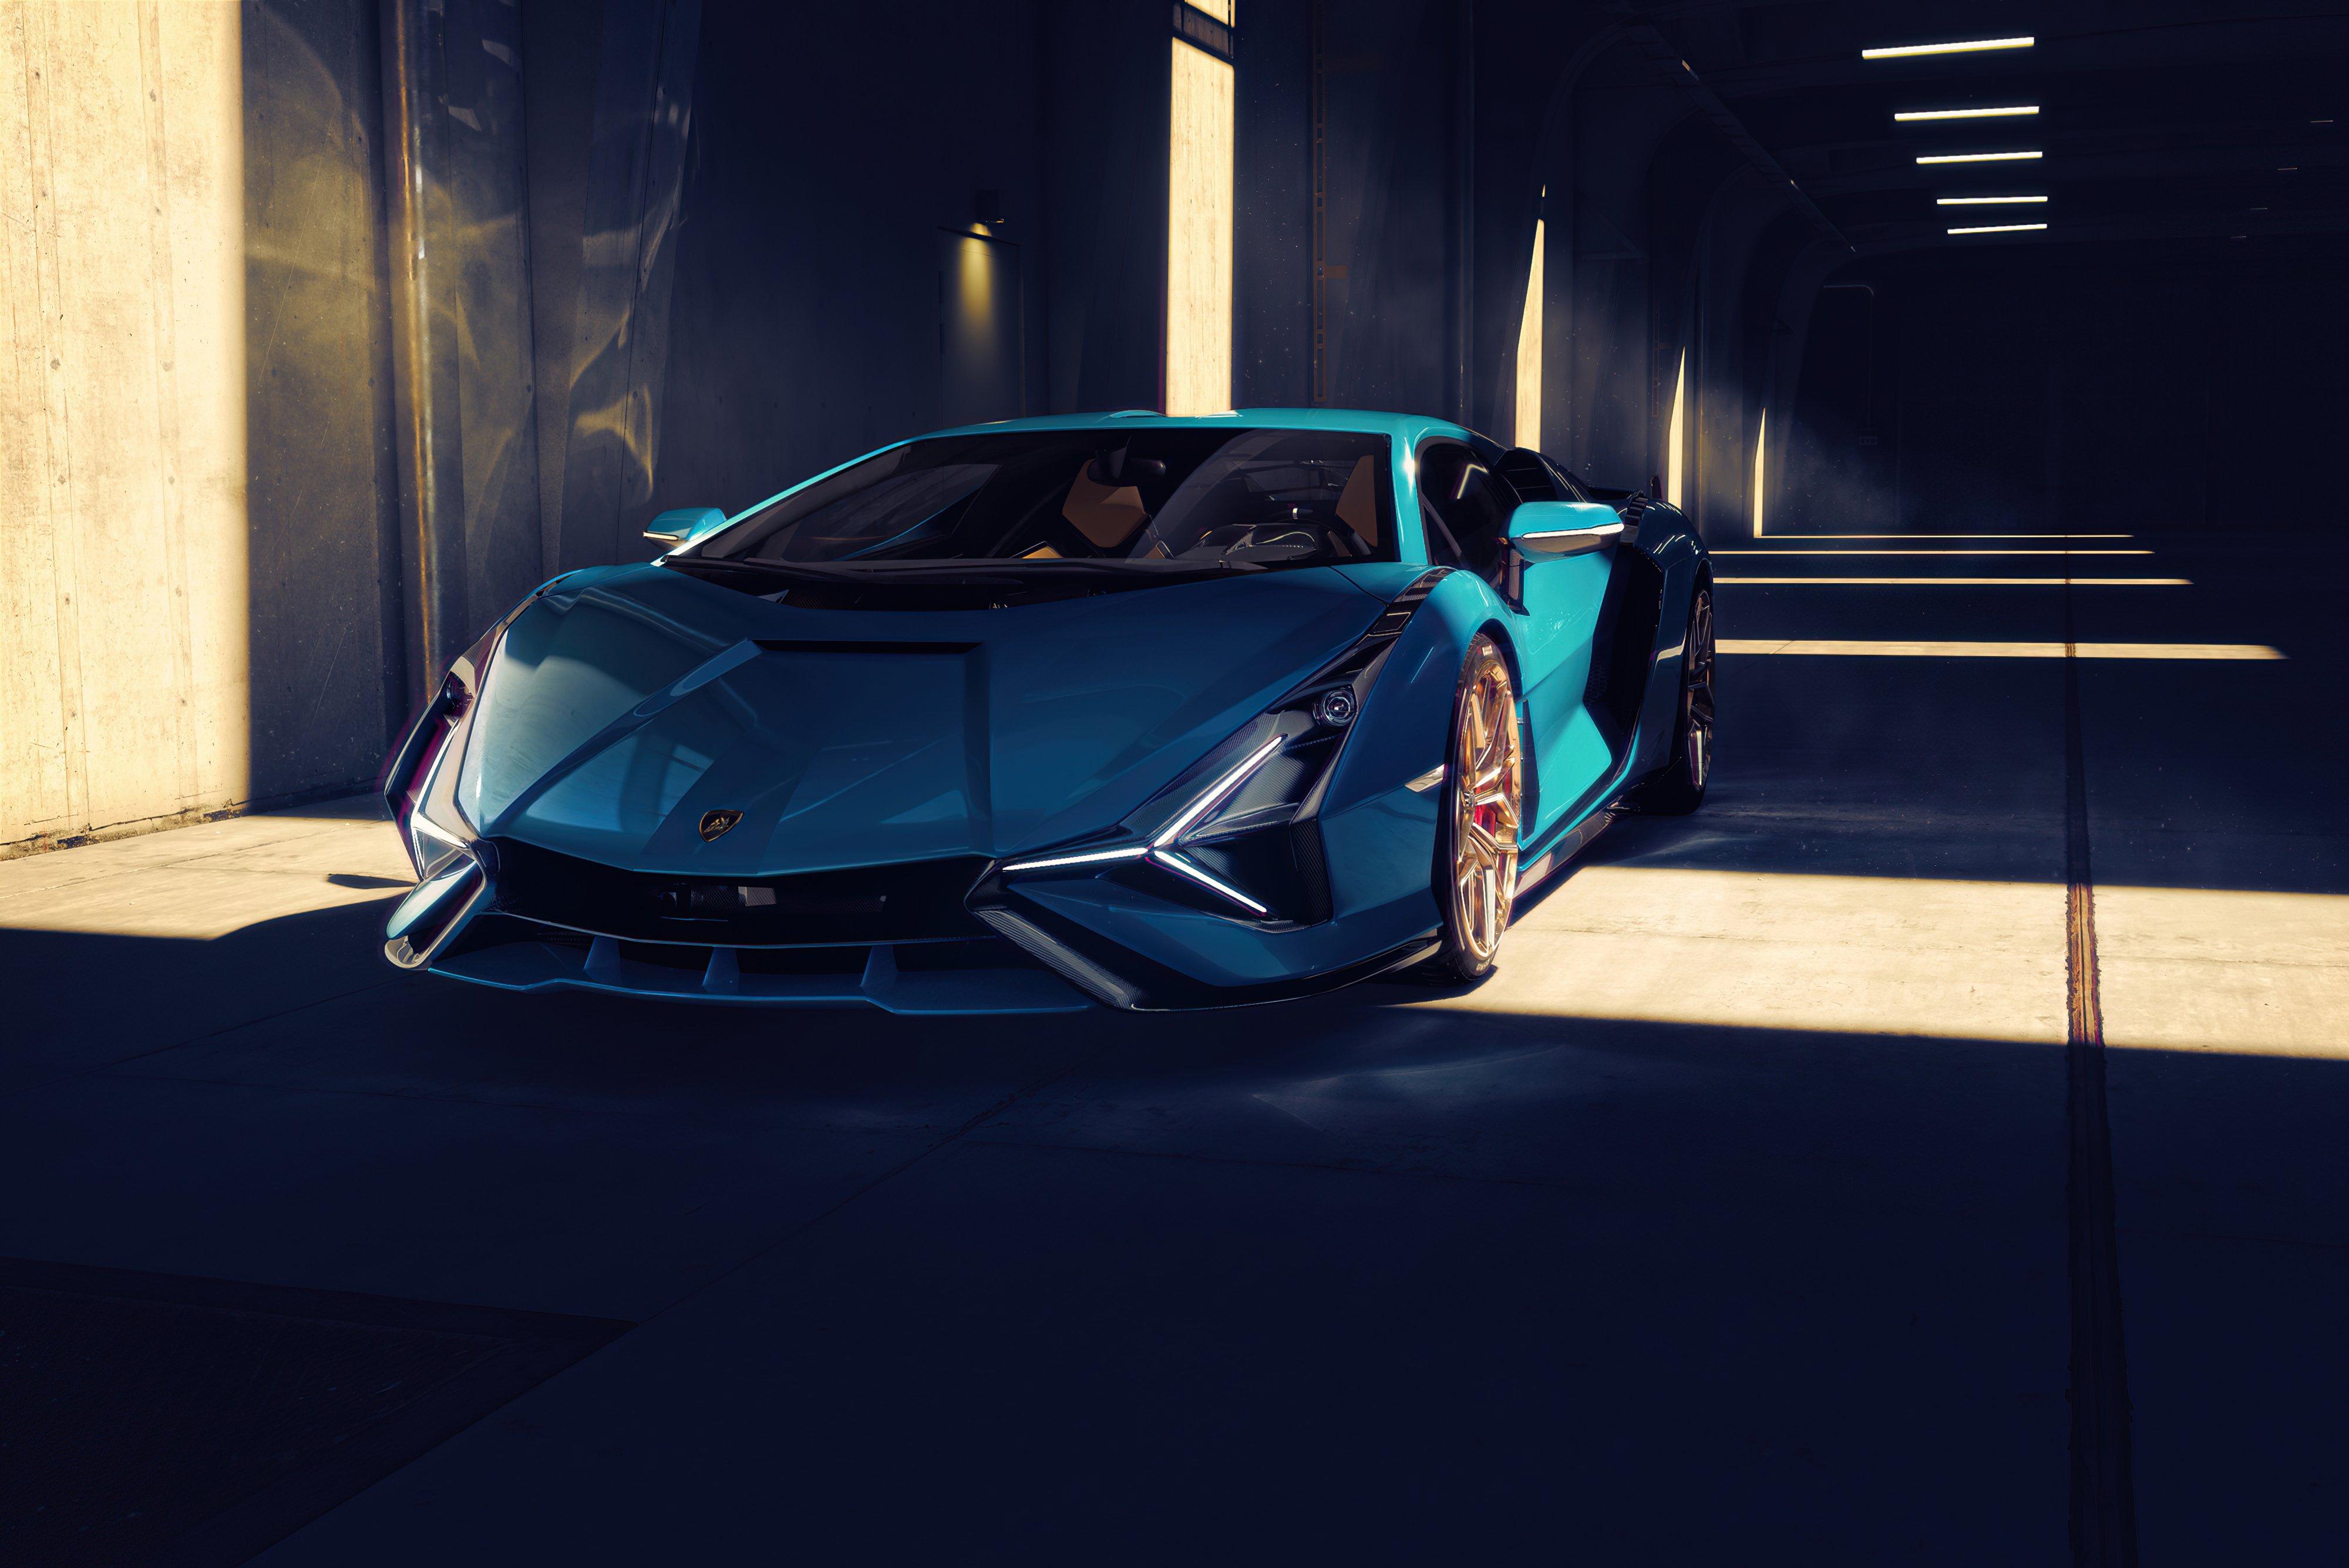 Fondos de pantalla Lamborghini Sian